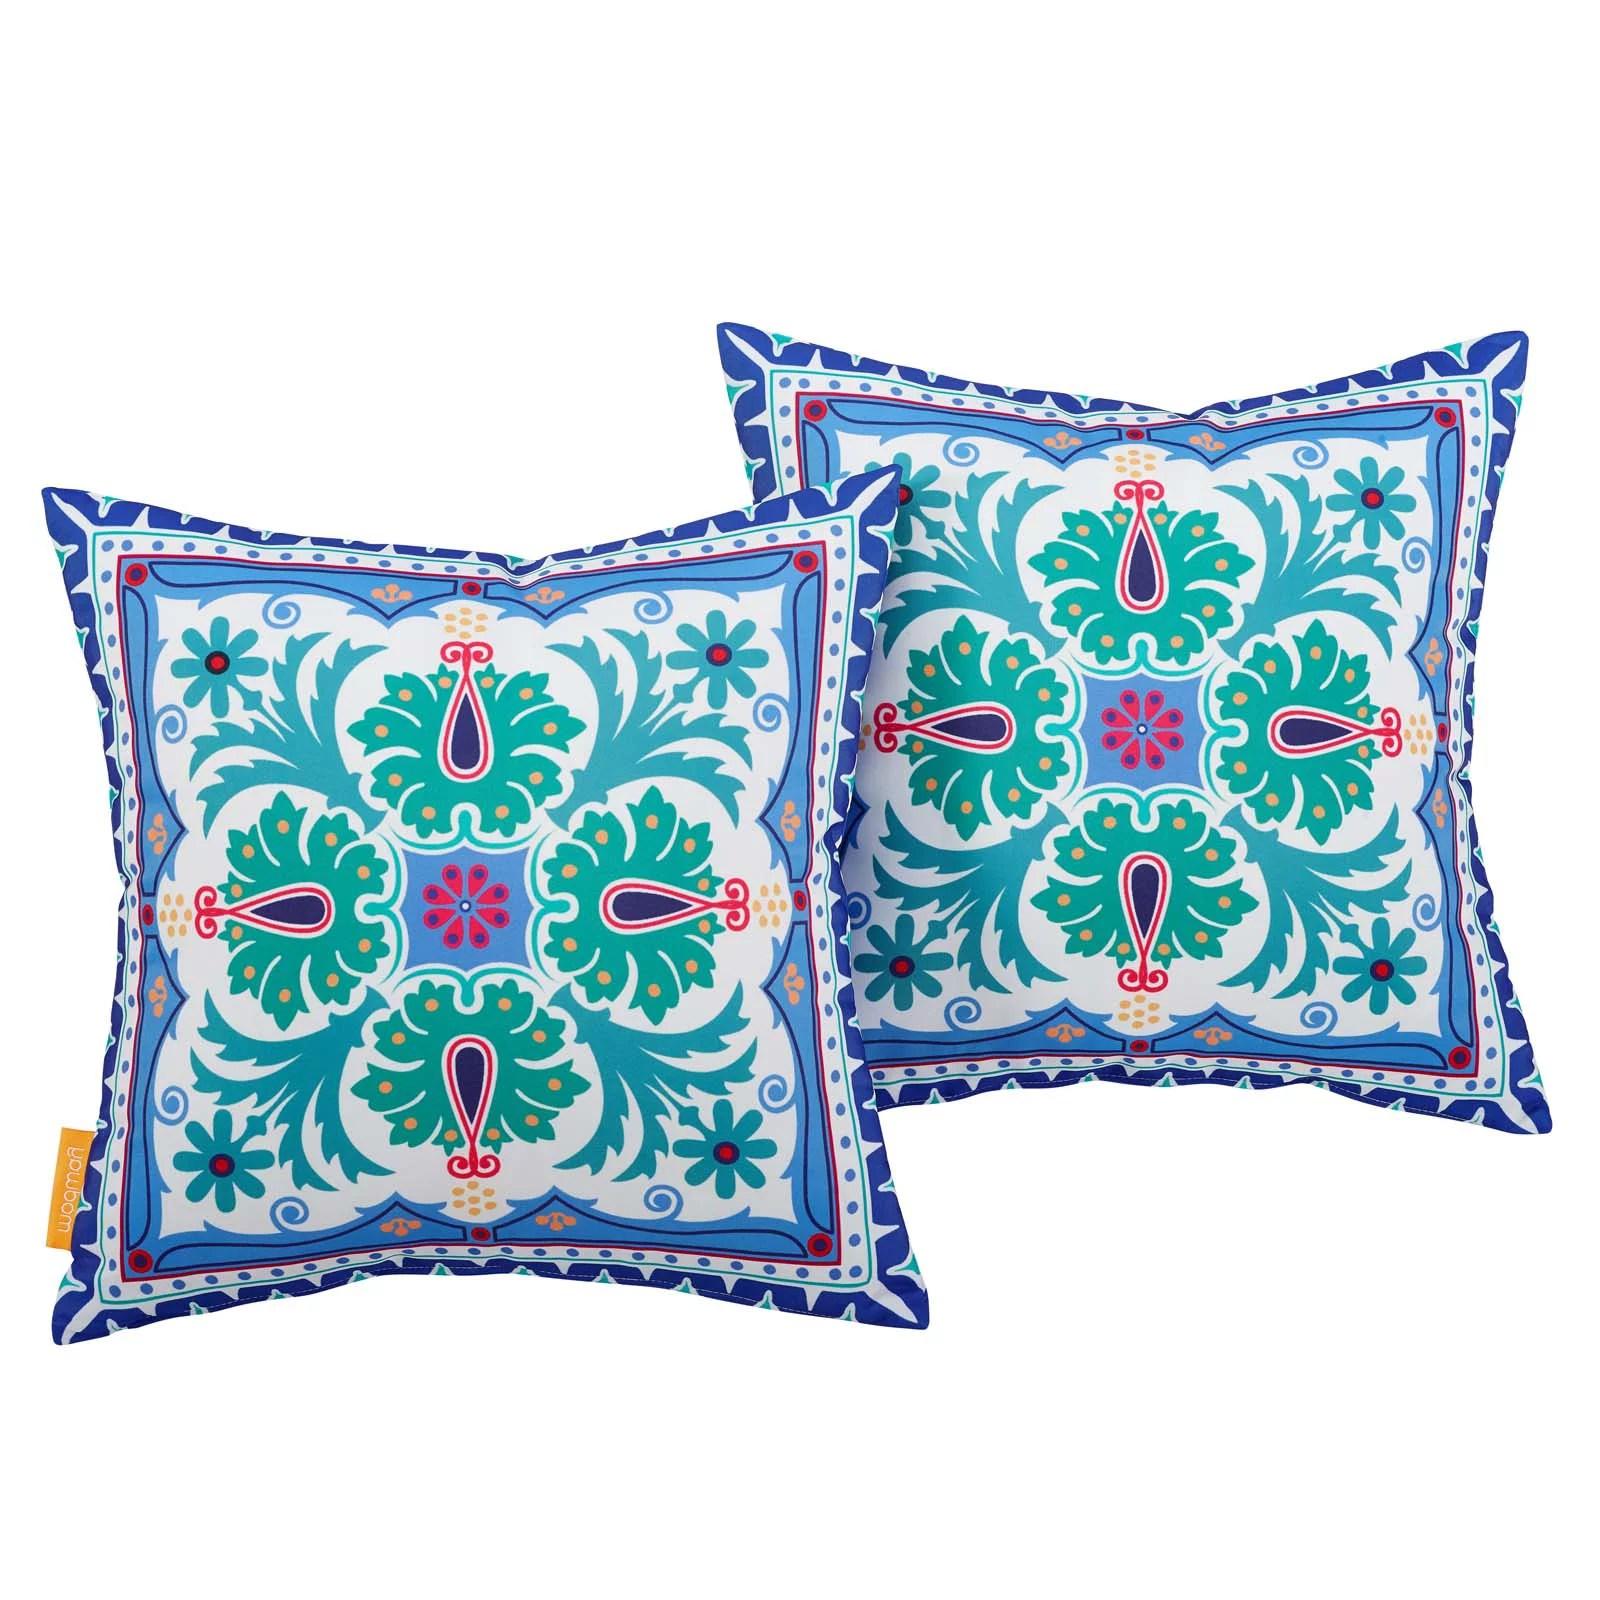 modern contemporary urban design outdoor patio balcony garden furniture pillow throw set of two fabric multi color